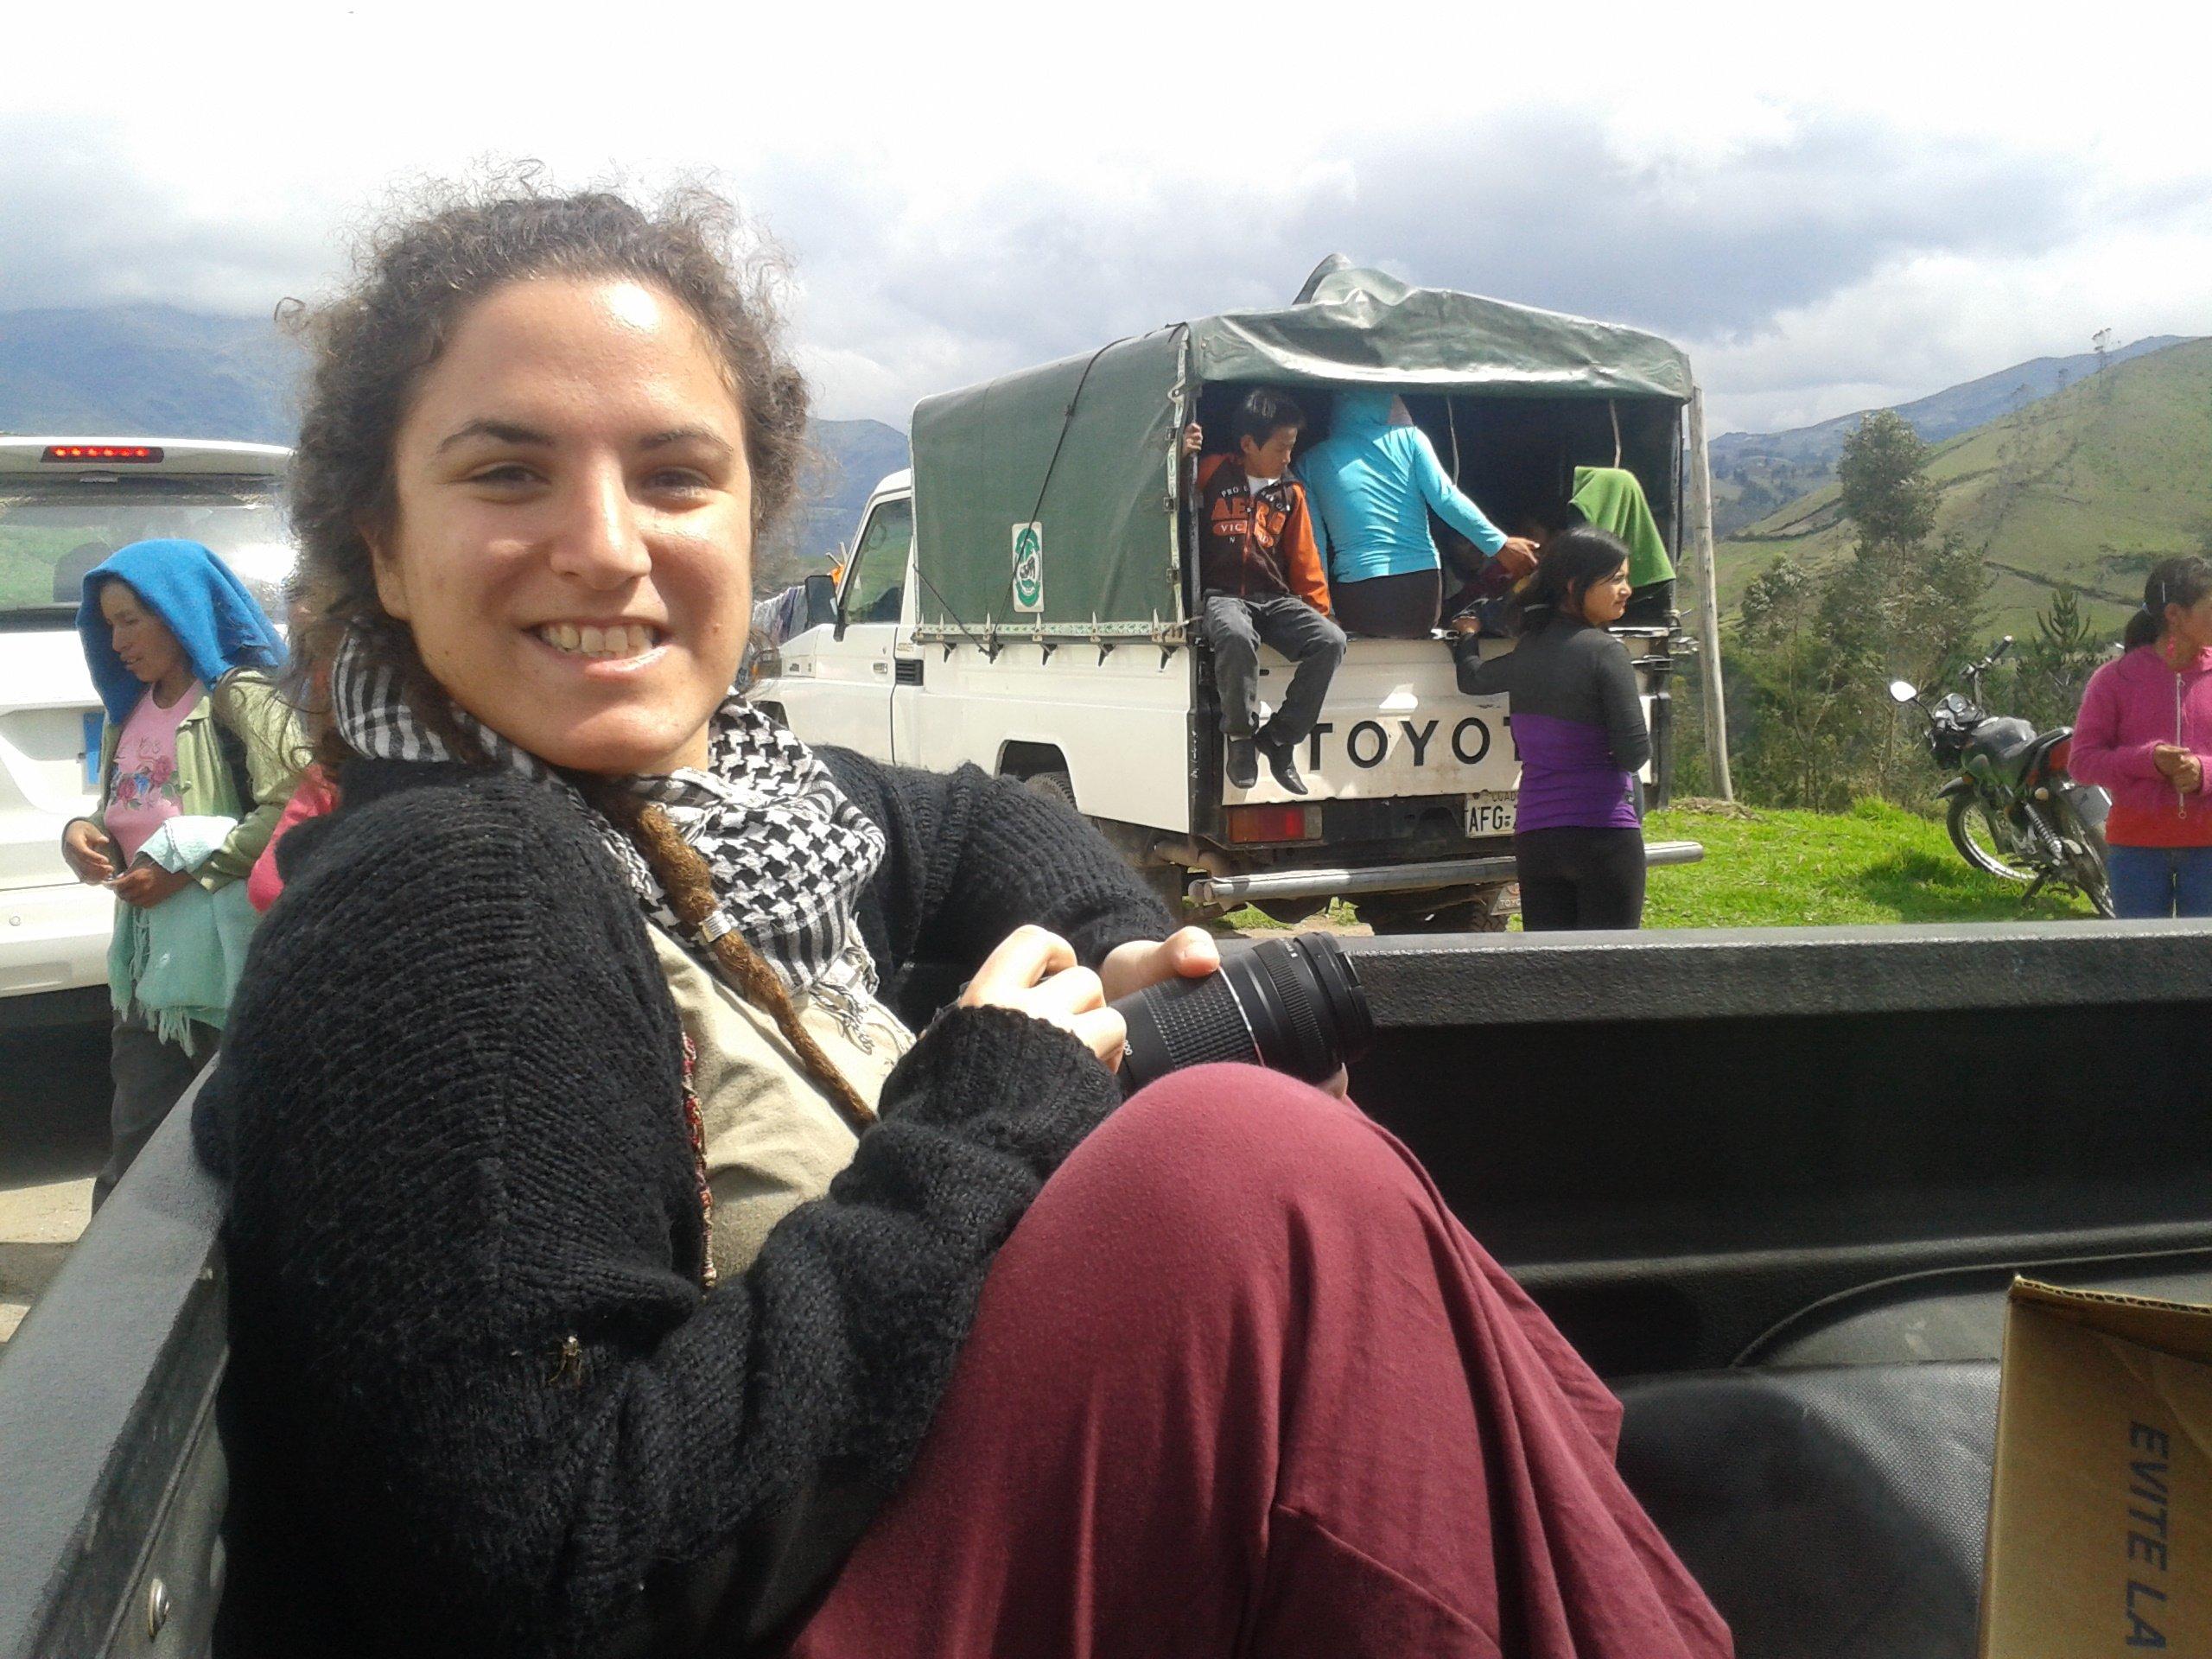 Cristina Sánchez Aguilar, Premio Lolo de Periodismo Joven